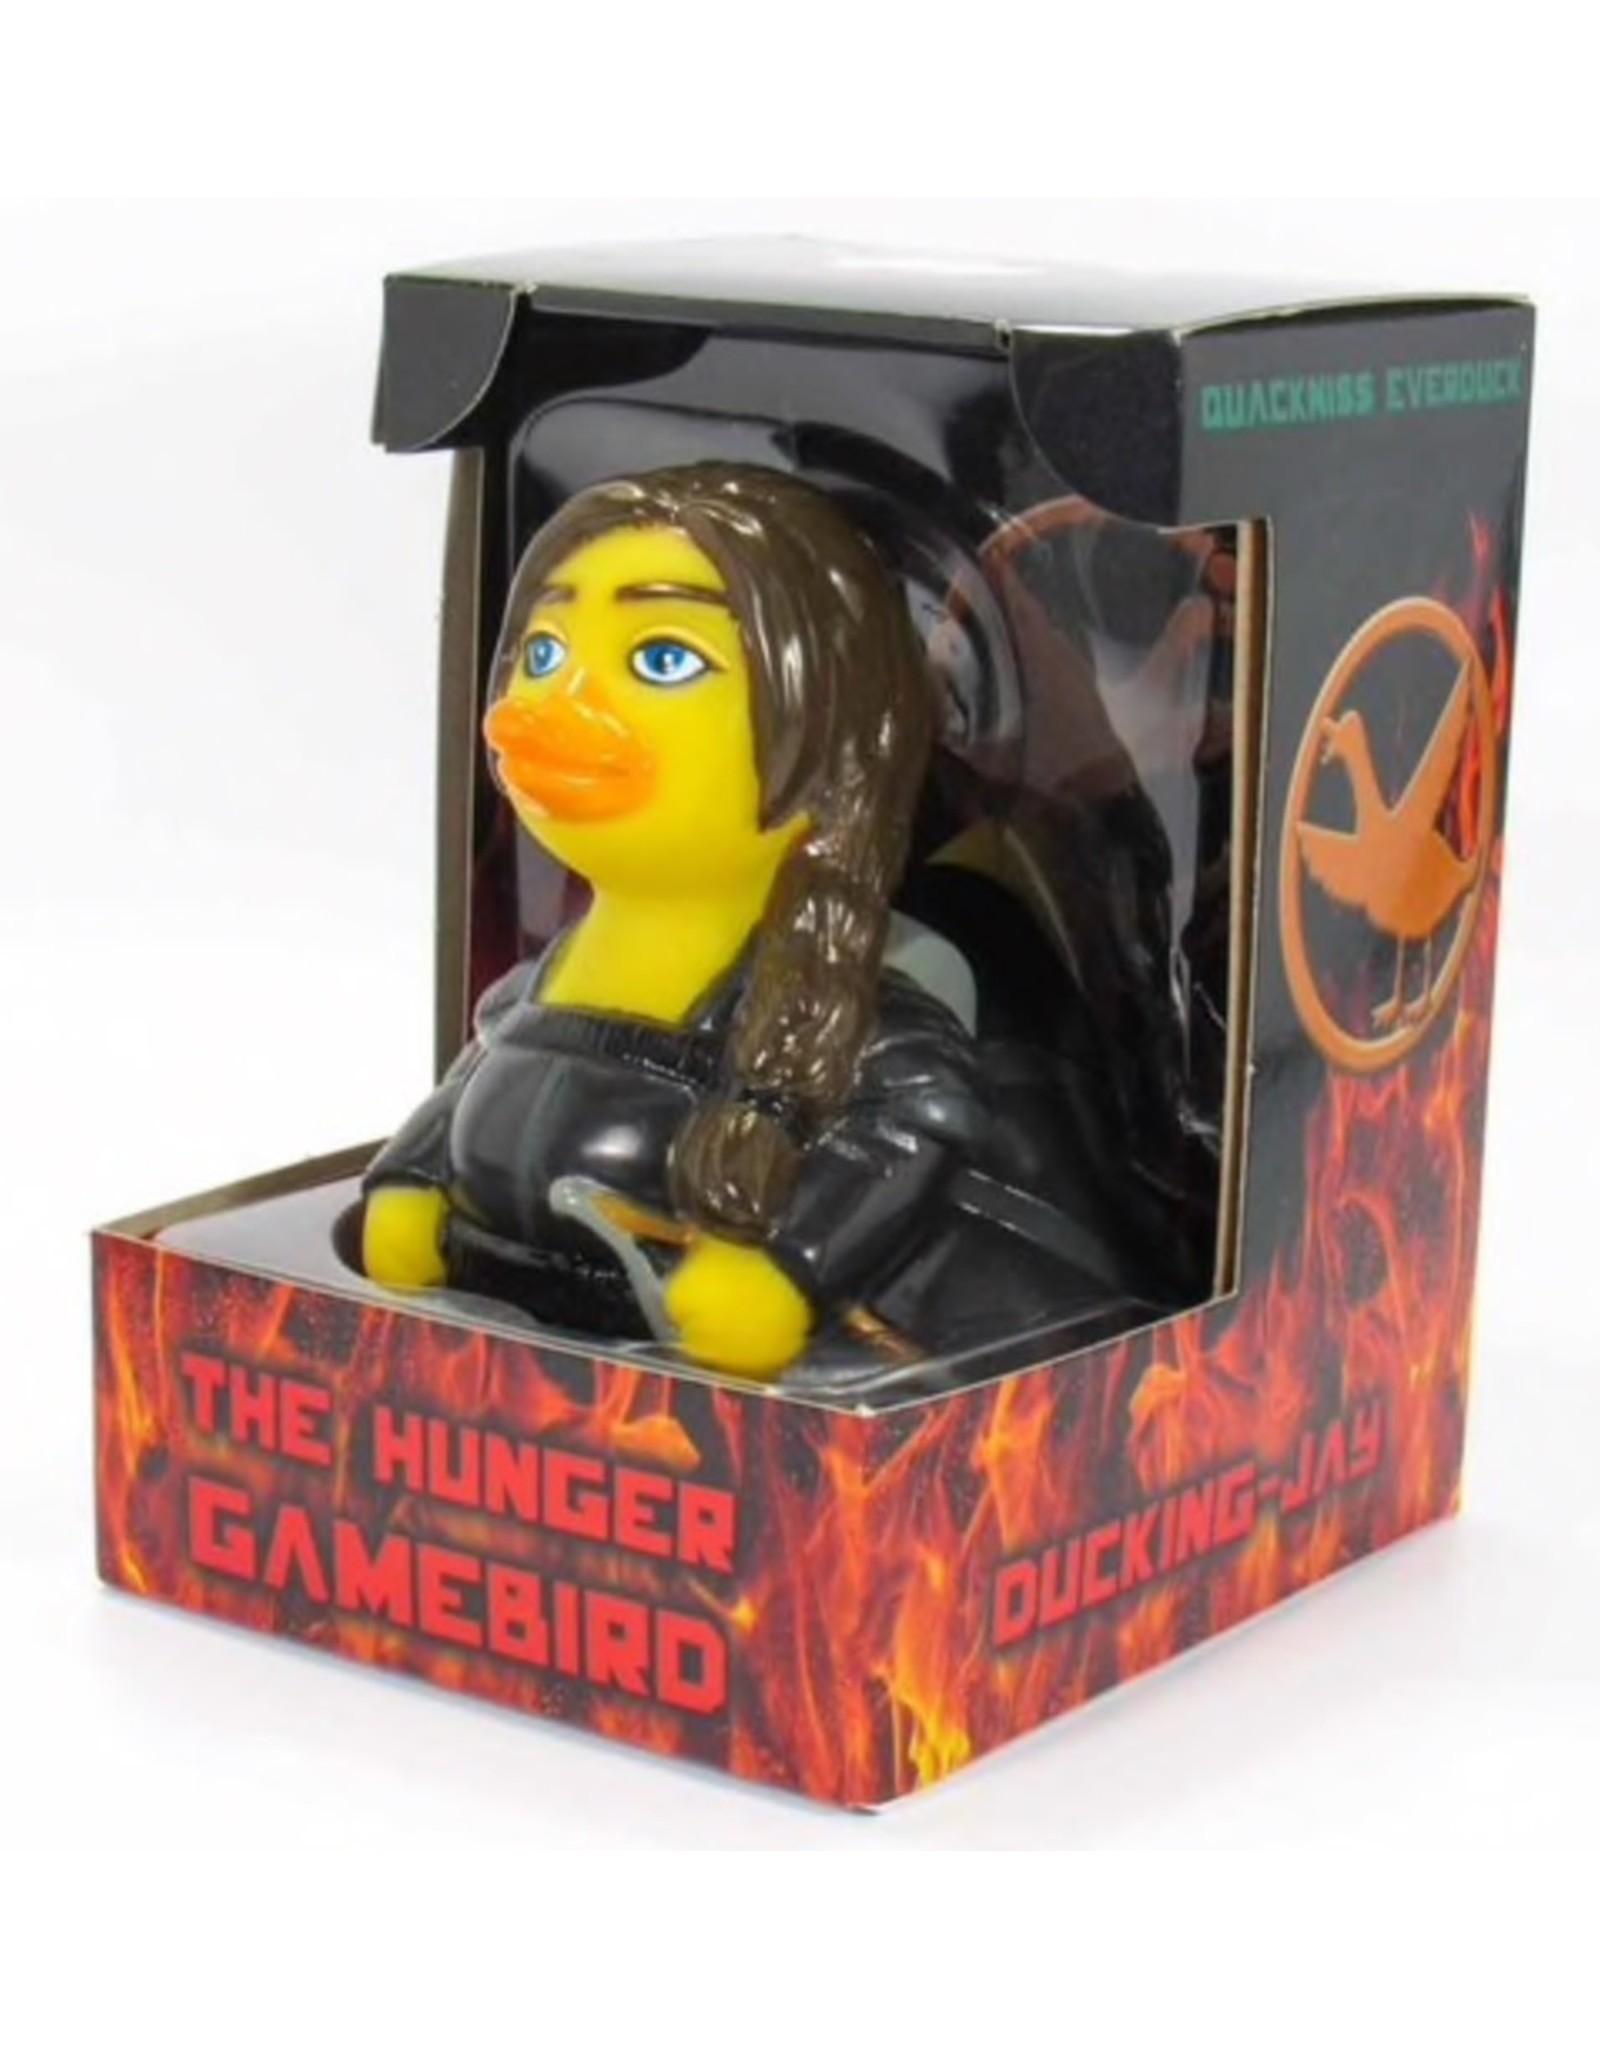 The Hunger GameBird - Quackniss Rubber Duck